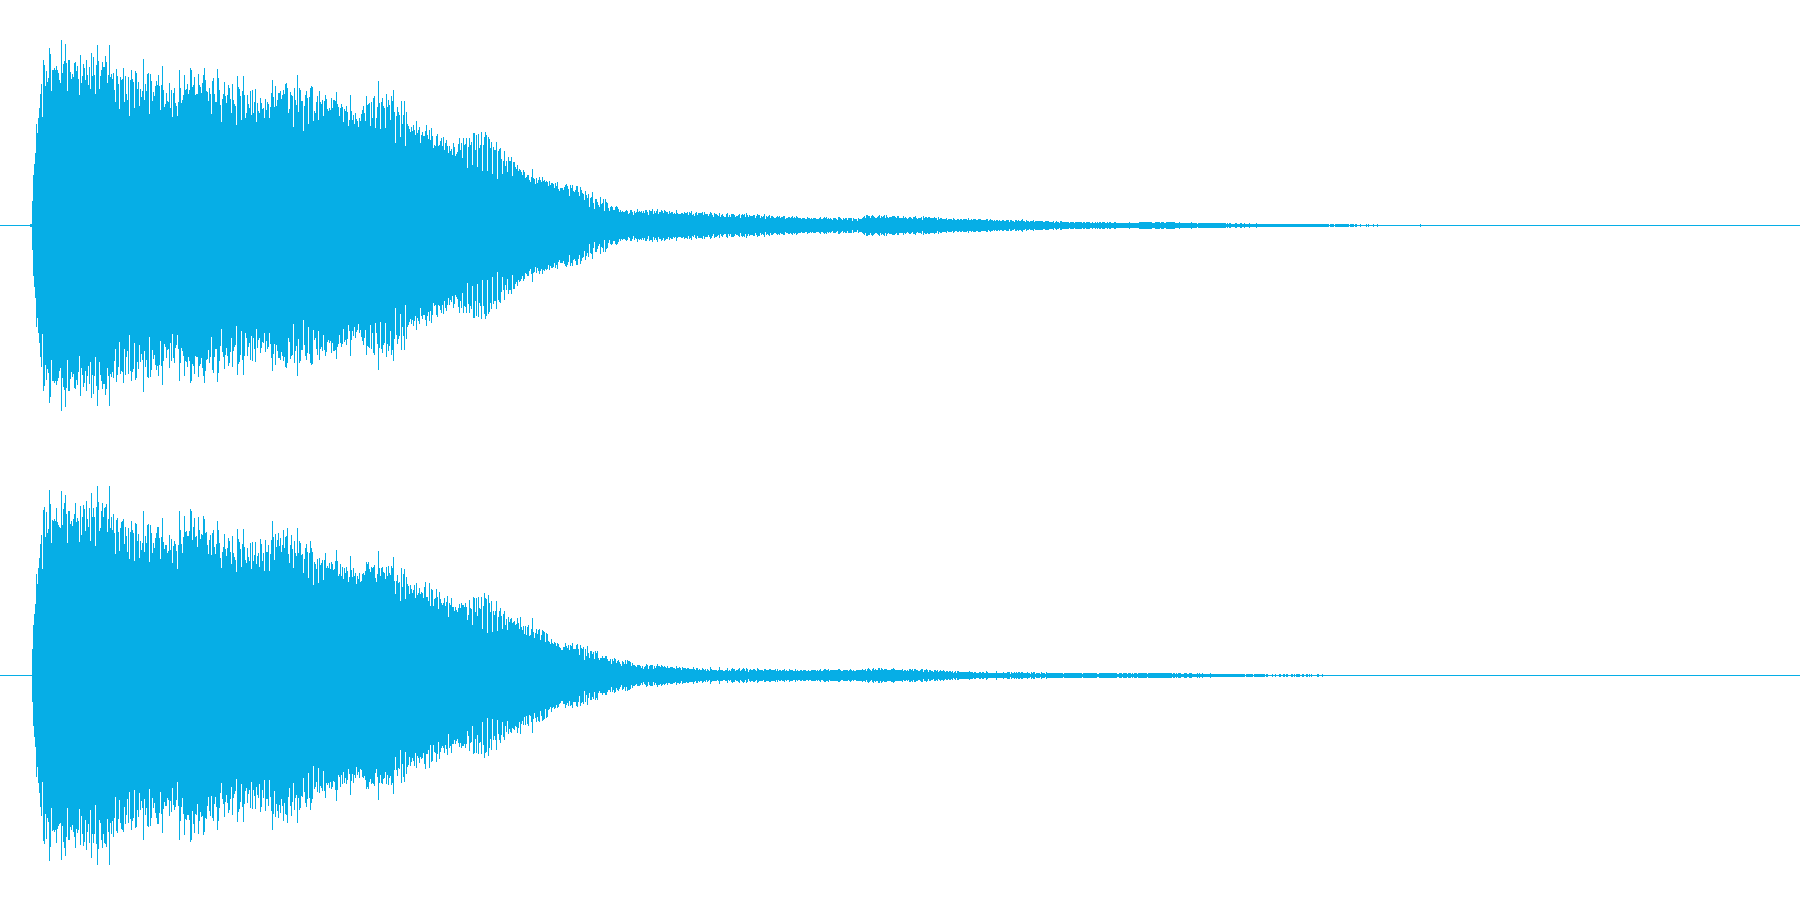 キン (短い金属音で決定音)の再生済みの波形